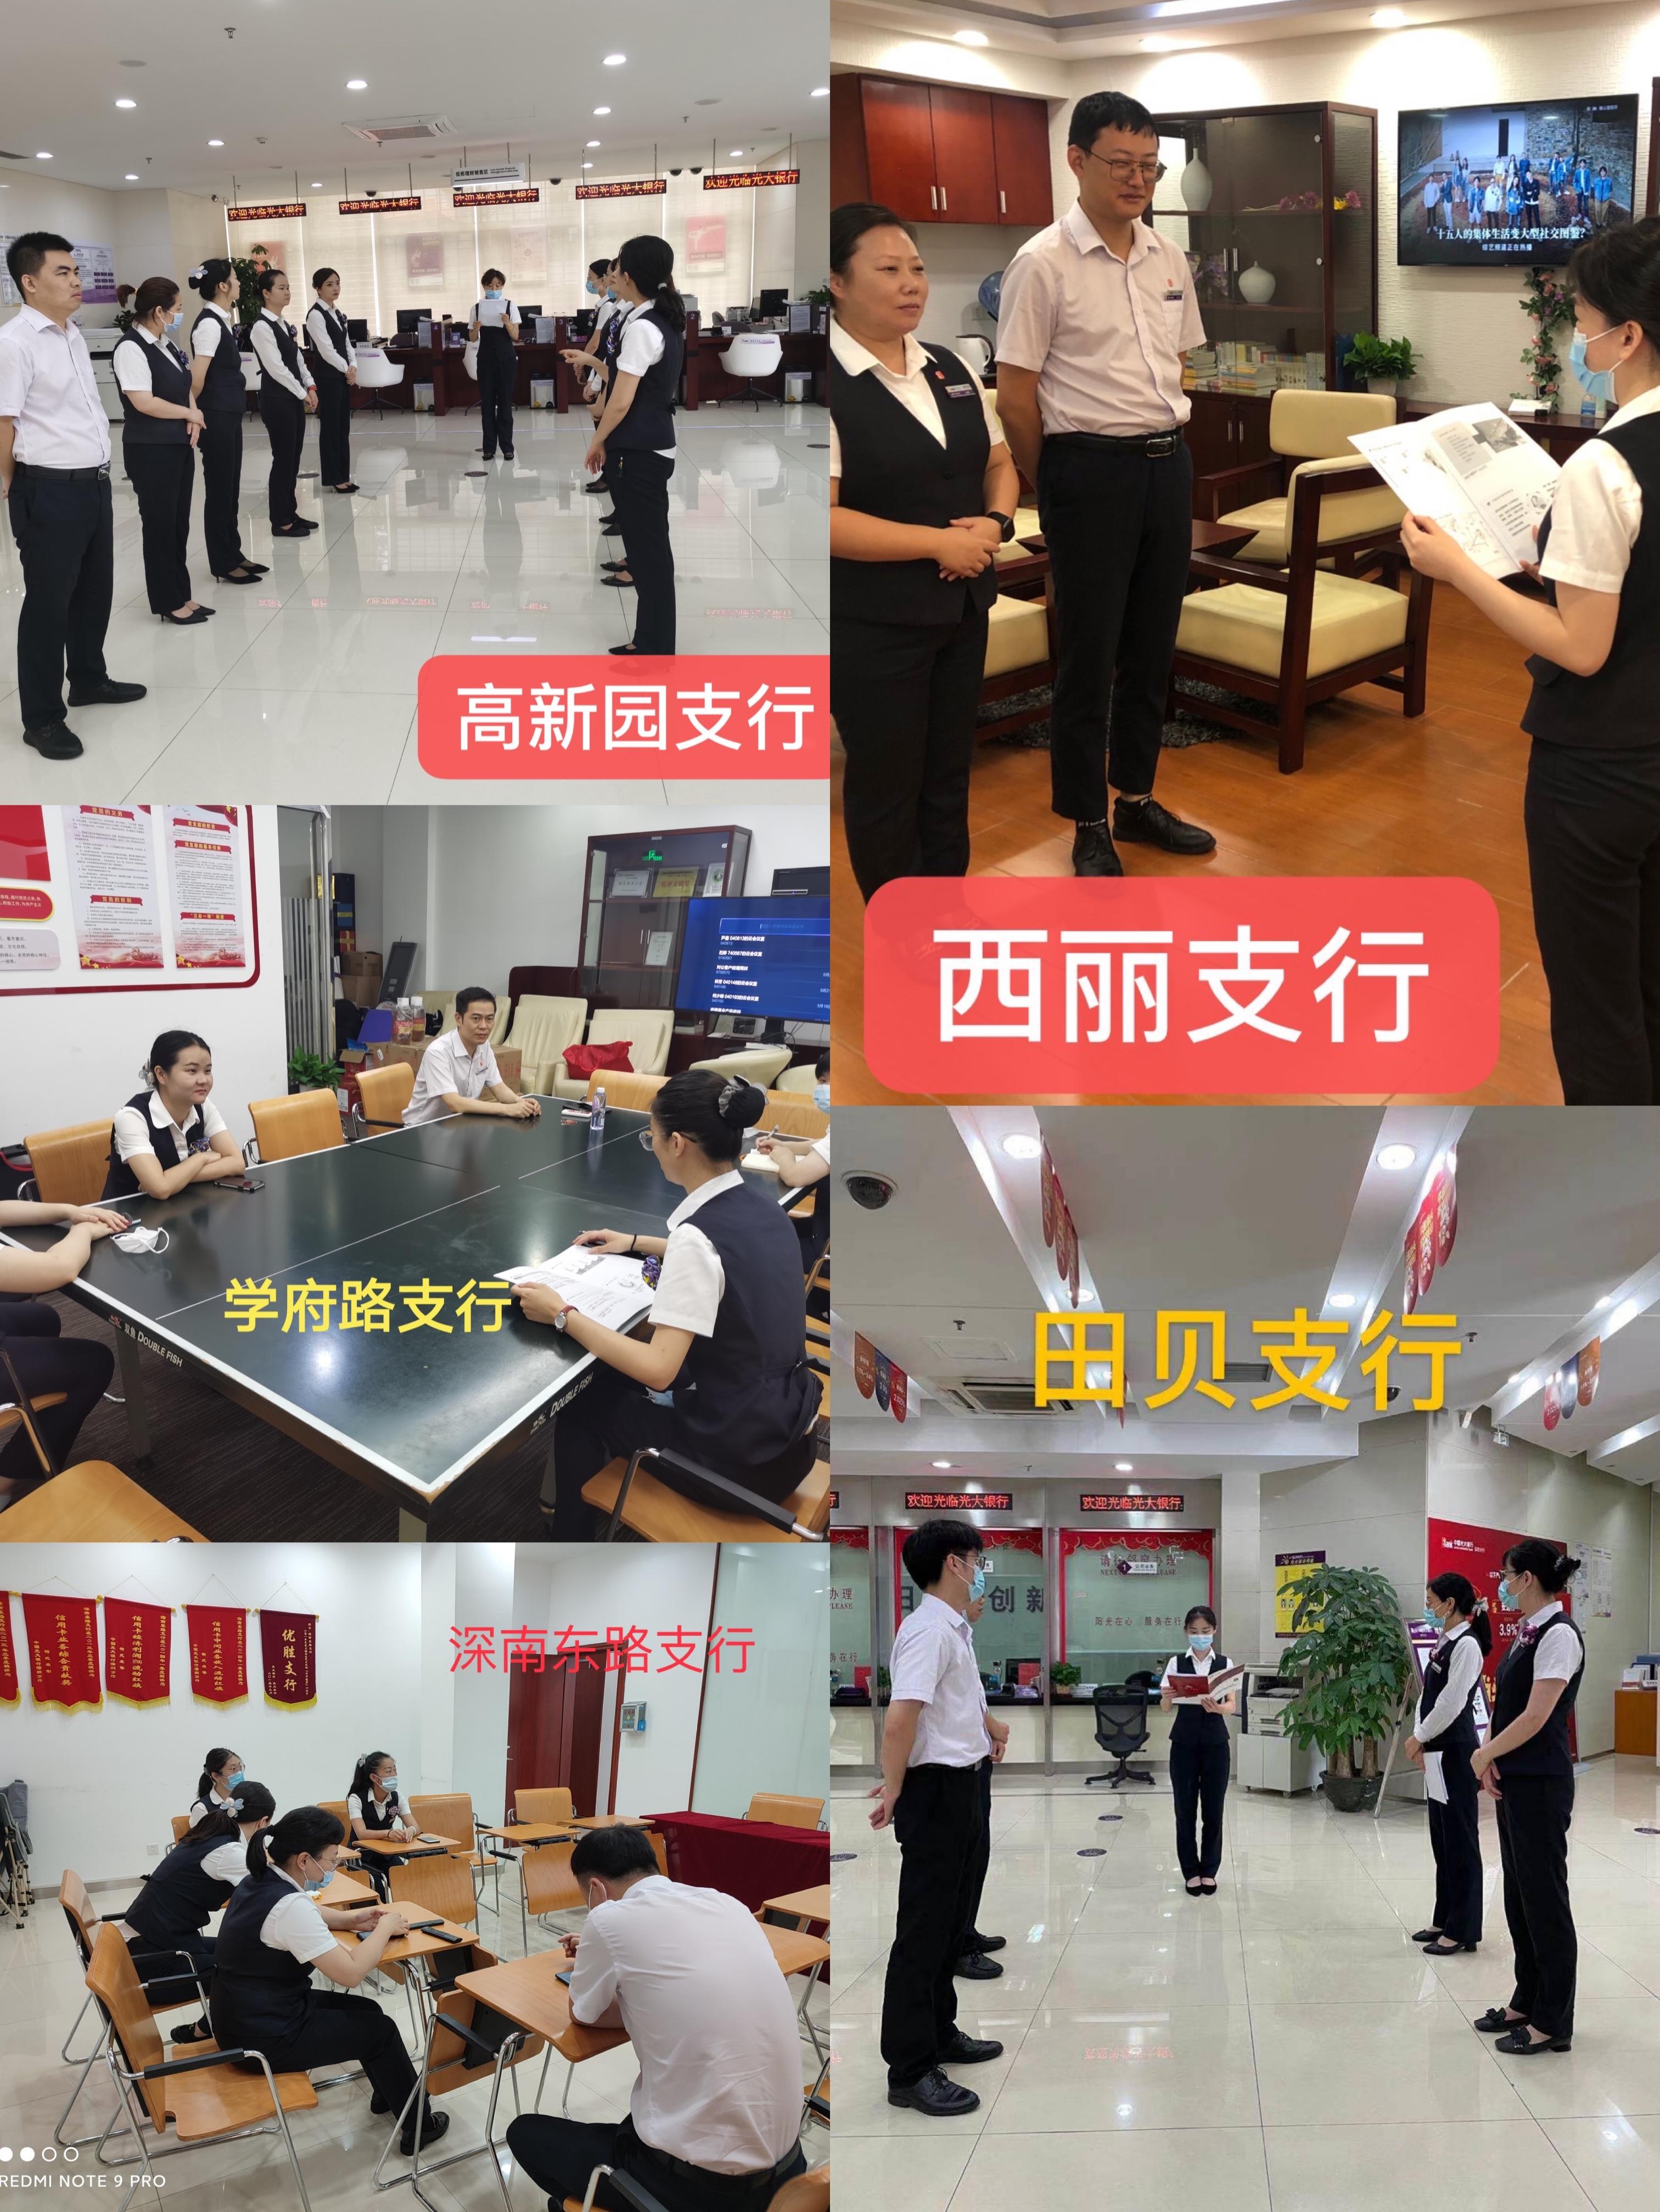 光大银行深圳分行各网点全面召开推进阳光服务工作例会